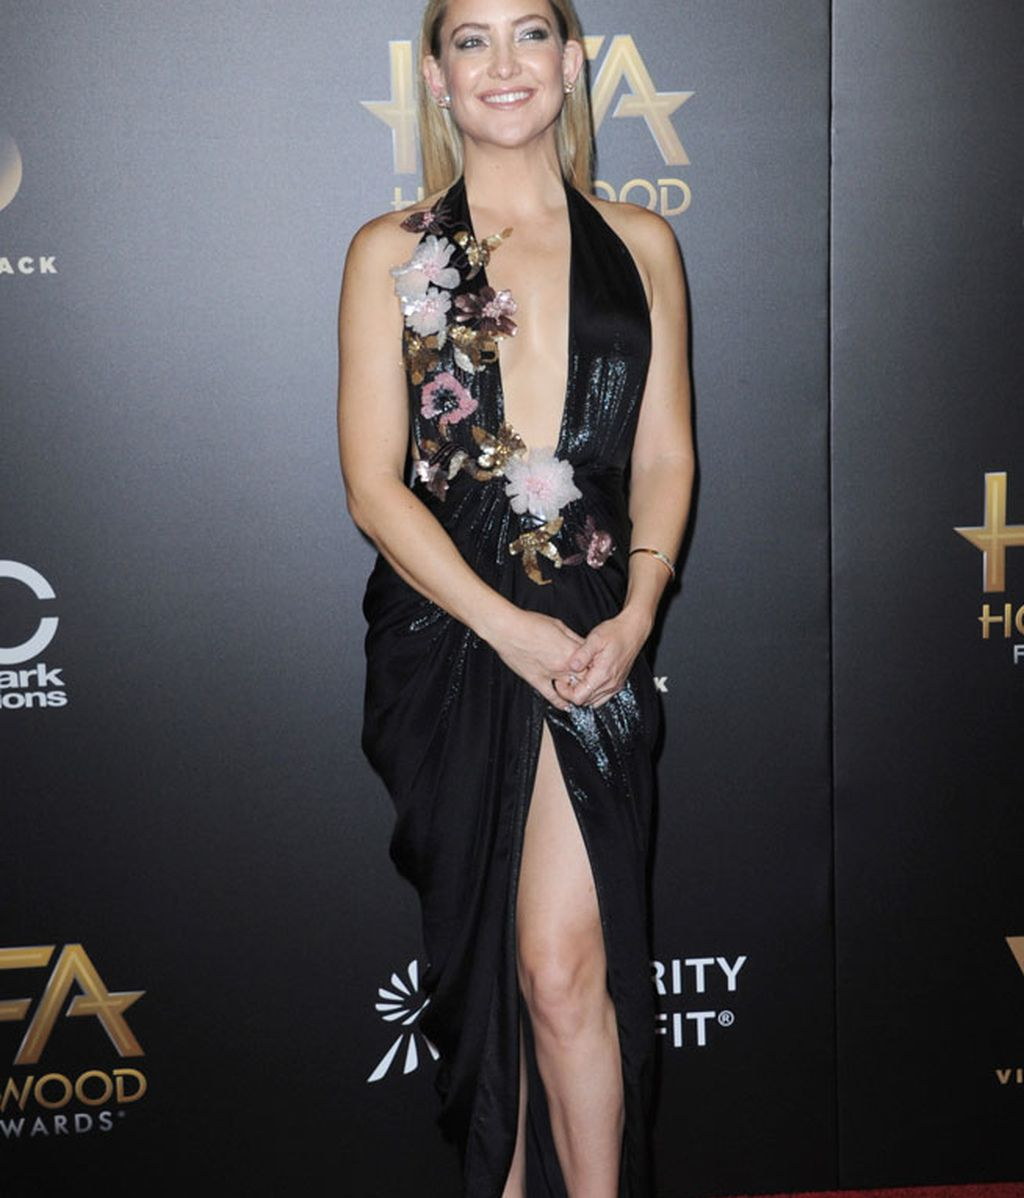 Brillos, flores y escotazo: el 'look' de Kate Hudson fue de los más arriesgados